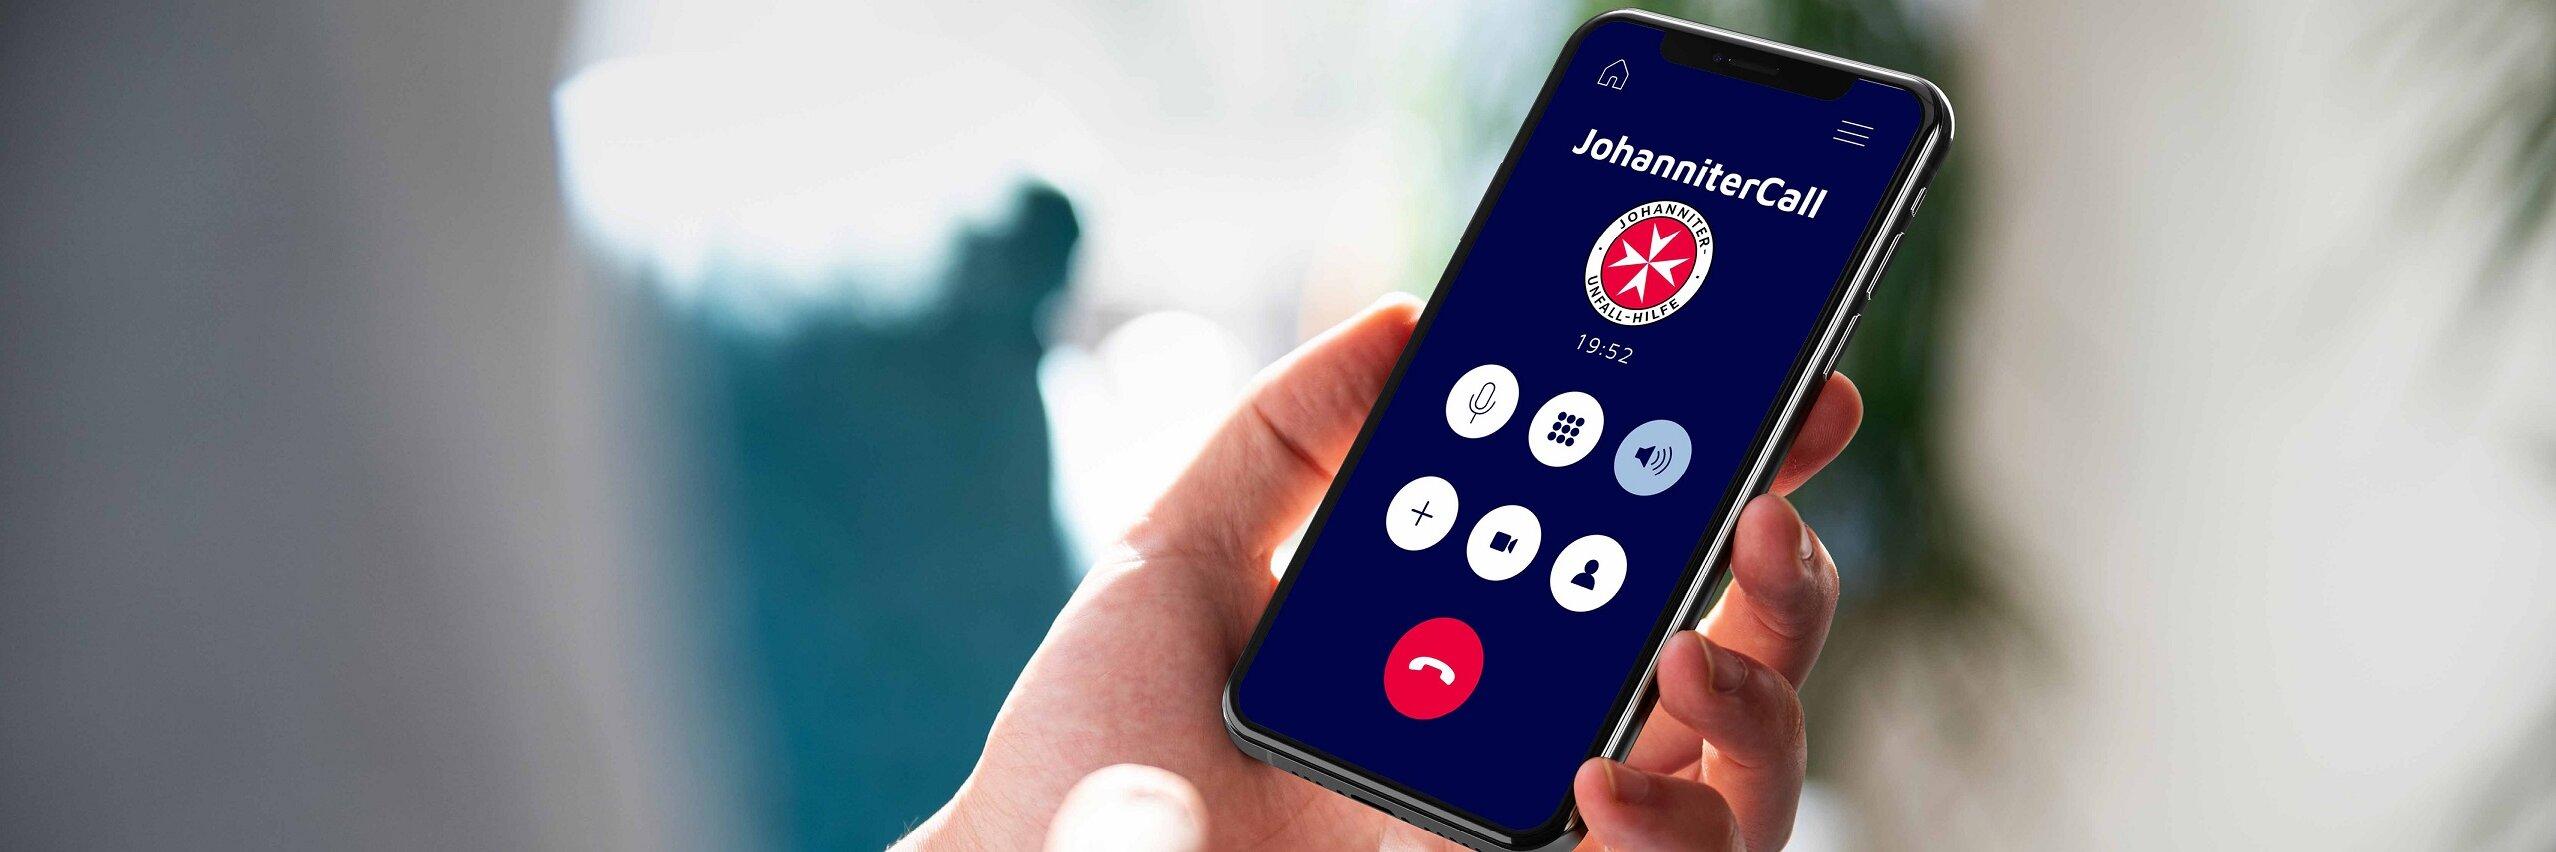 Ein Smartphone zeigt den JohanniterCall auf dem Bildschirm.